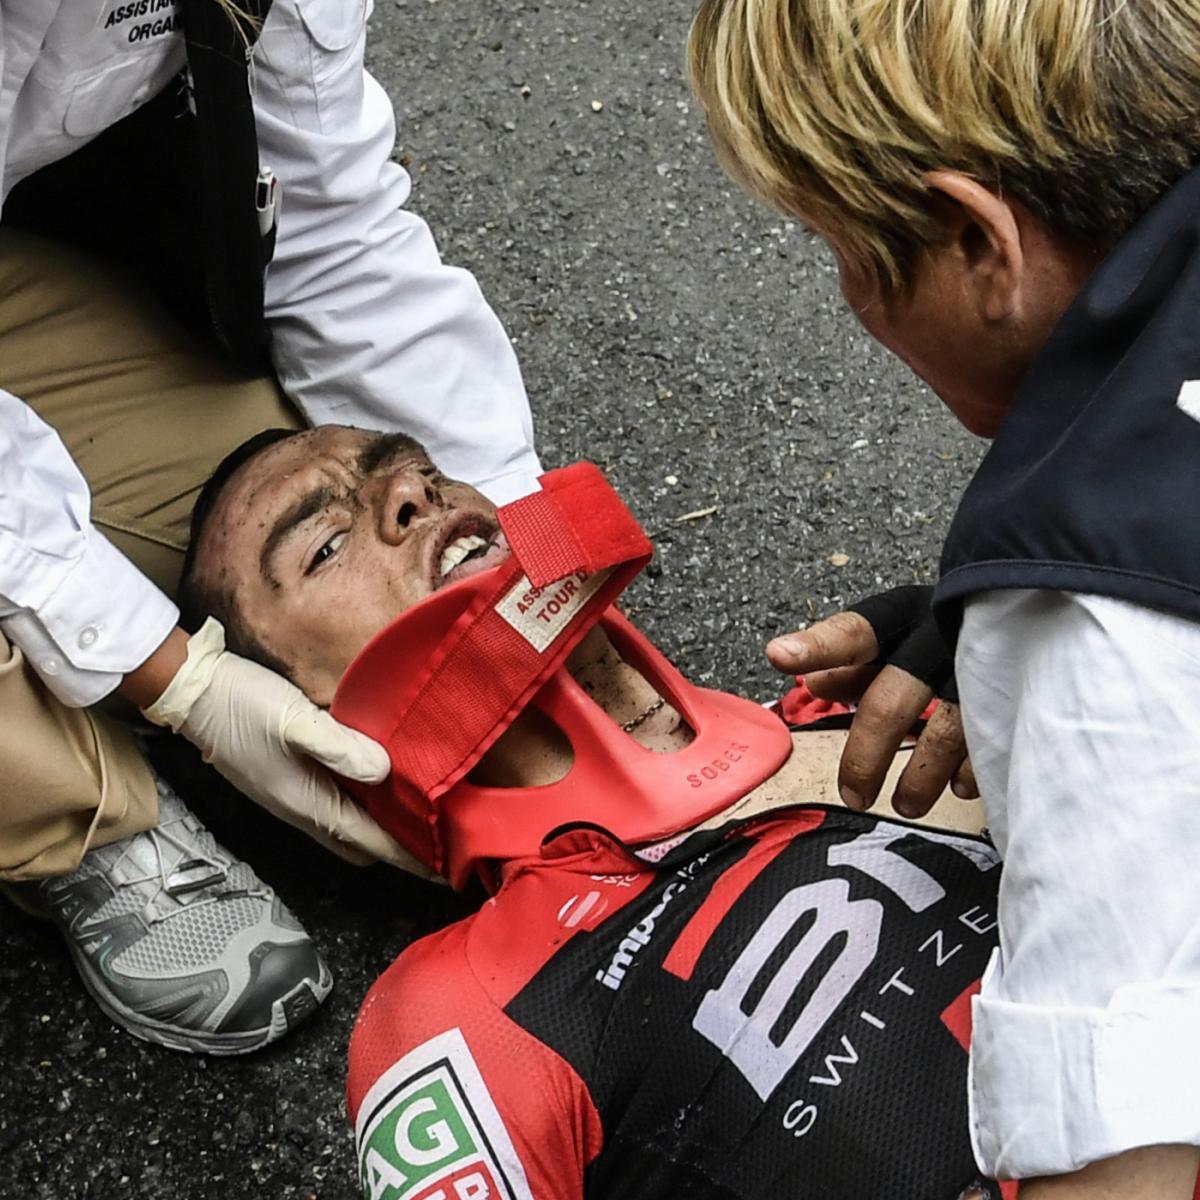 Richie porte hospitalized after mont du chat stage 9 tour for Richie porte crash